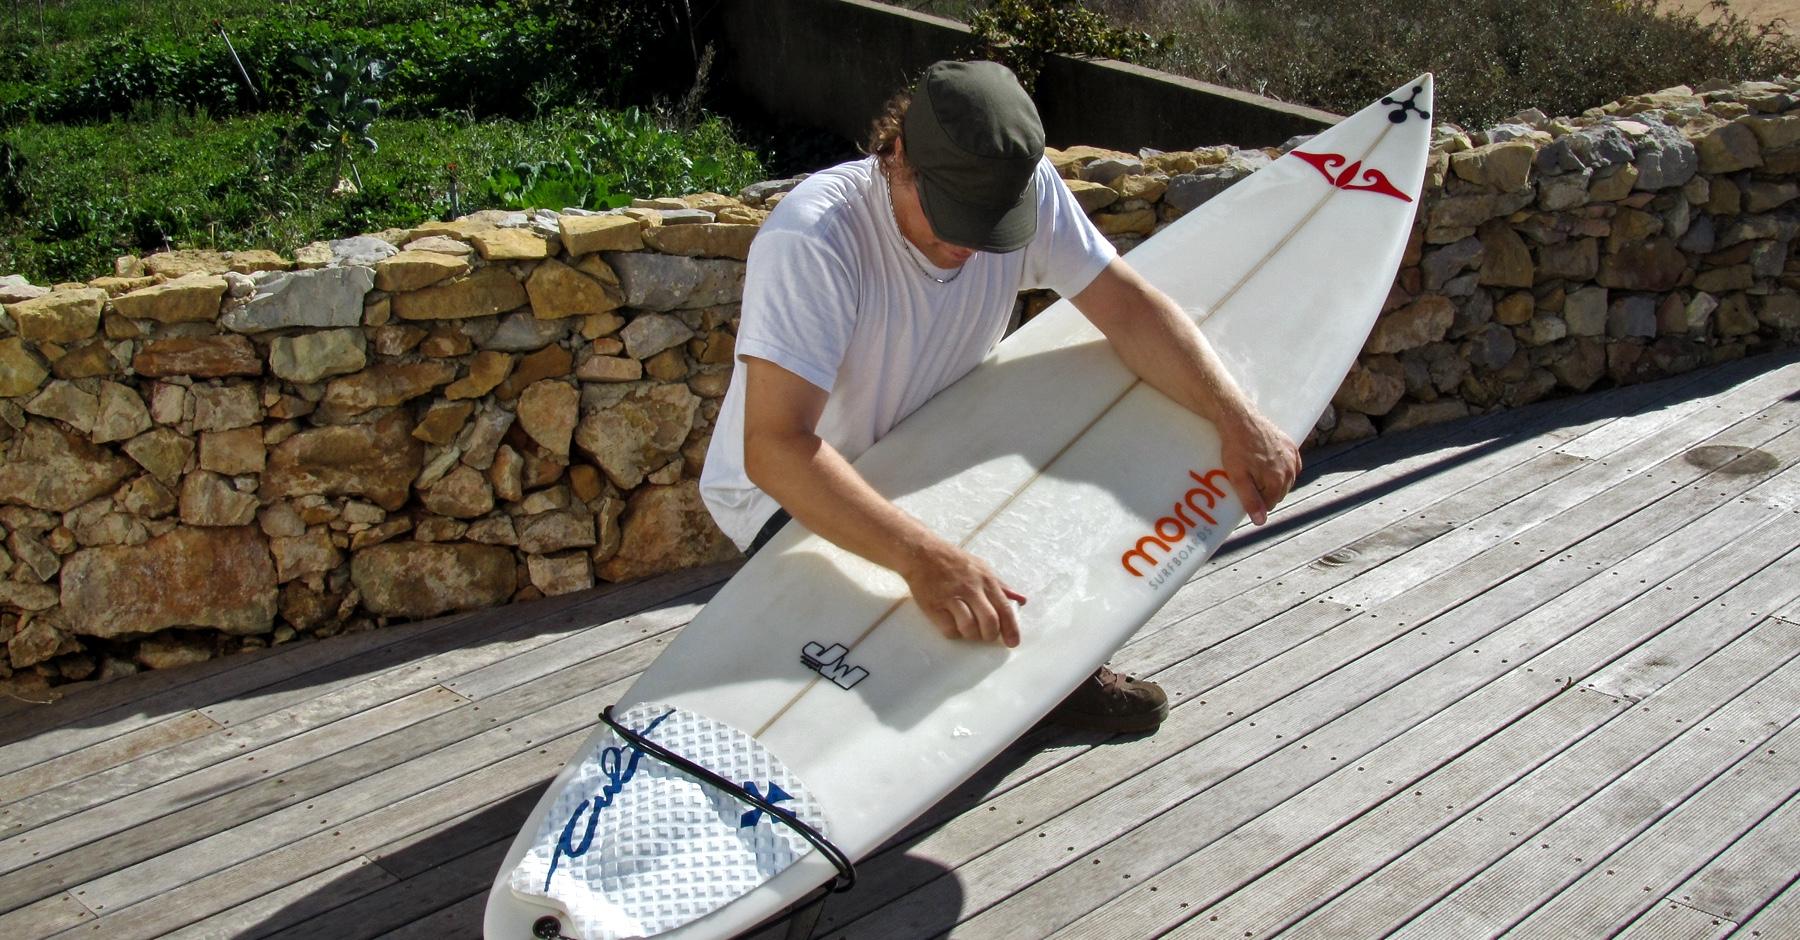 Surfbrett richtig wachsen